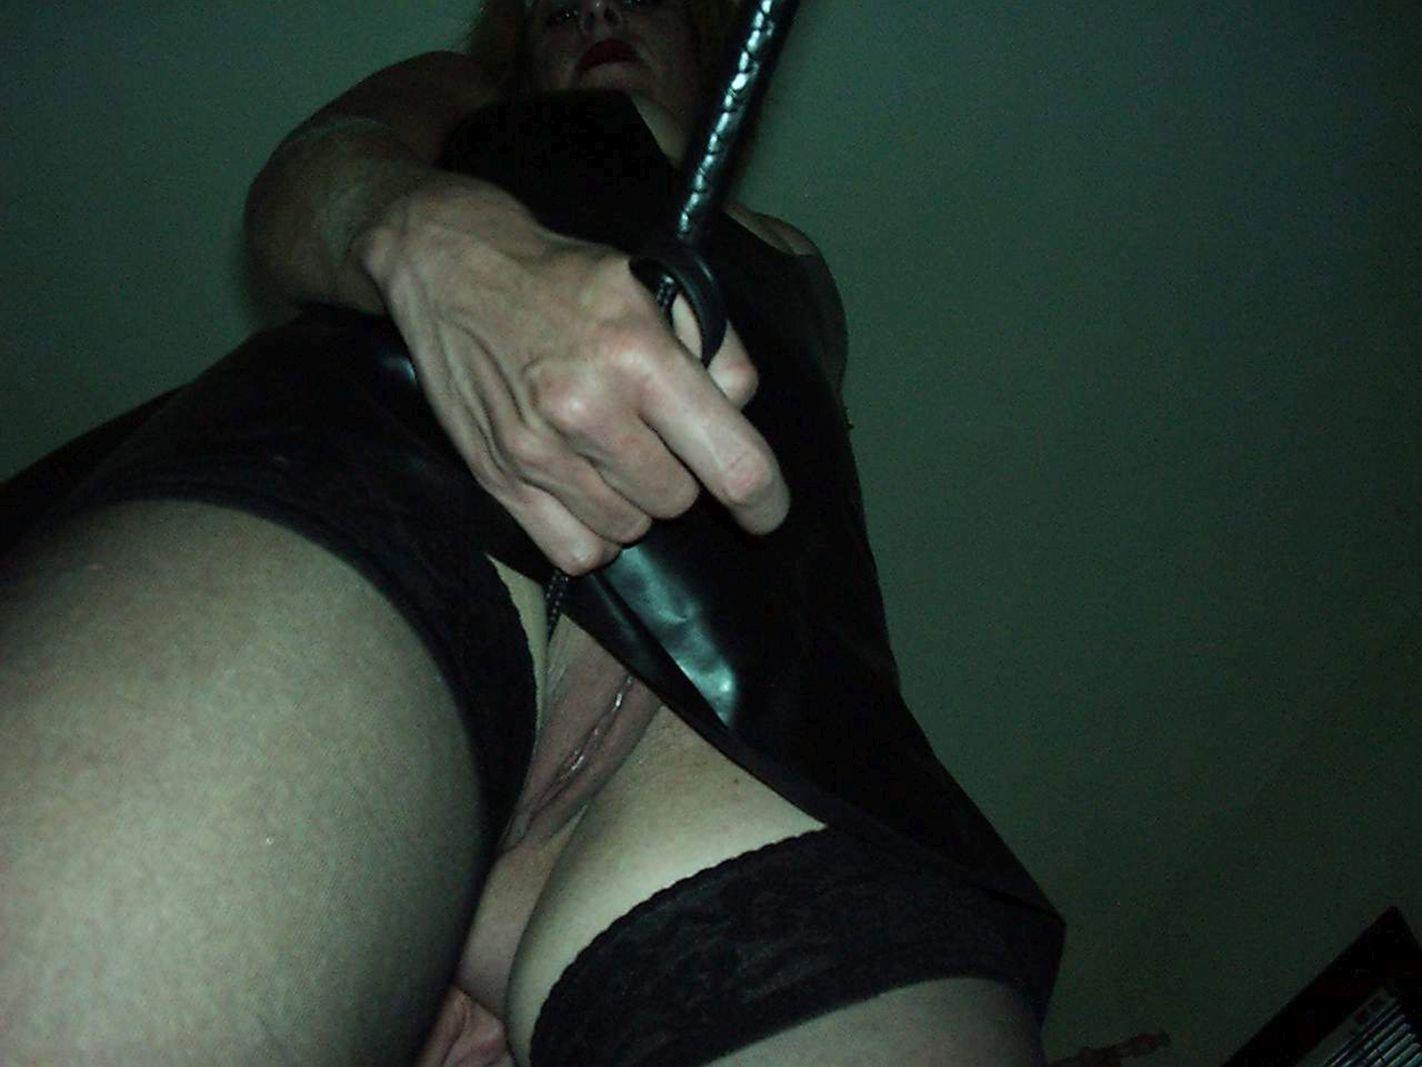 hausgemachte Pornos